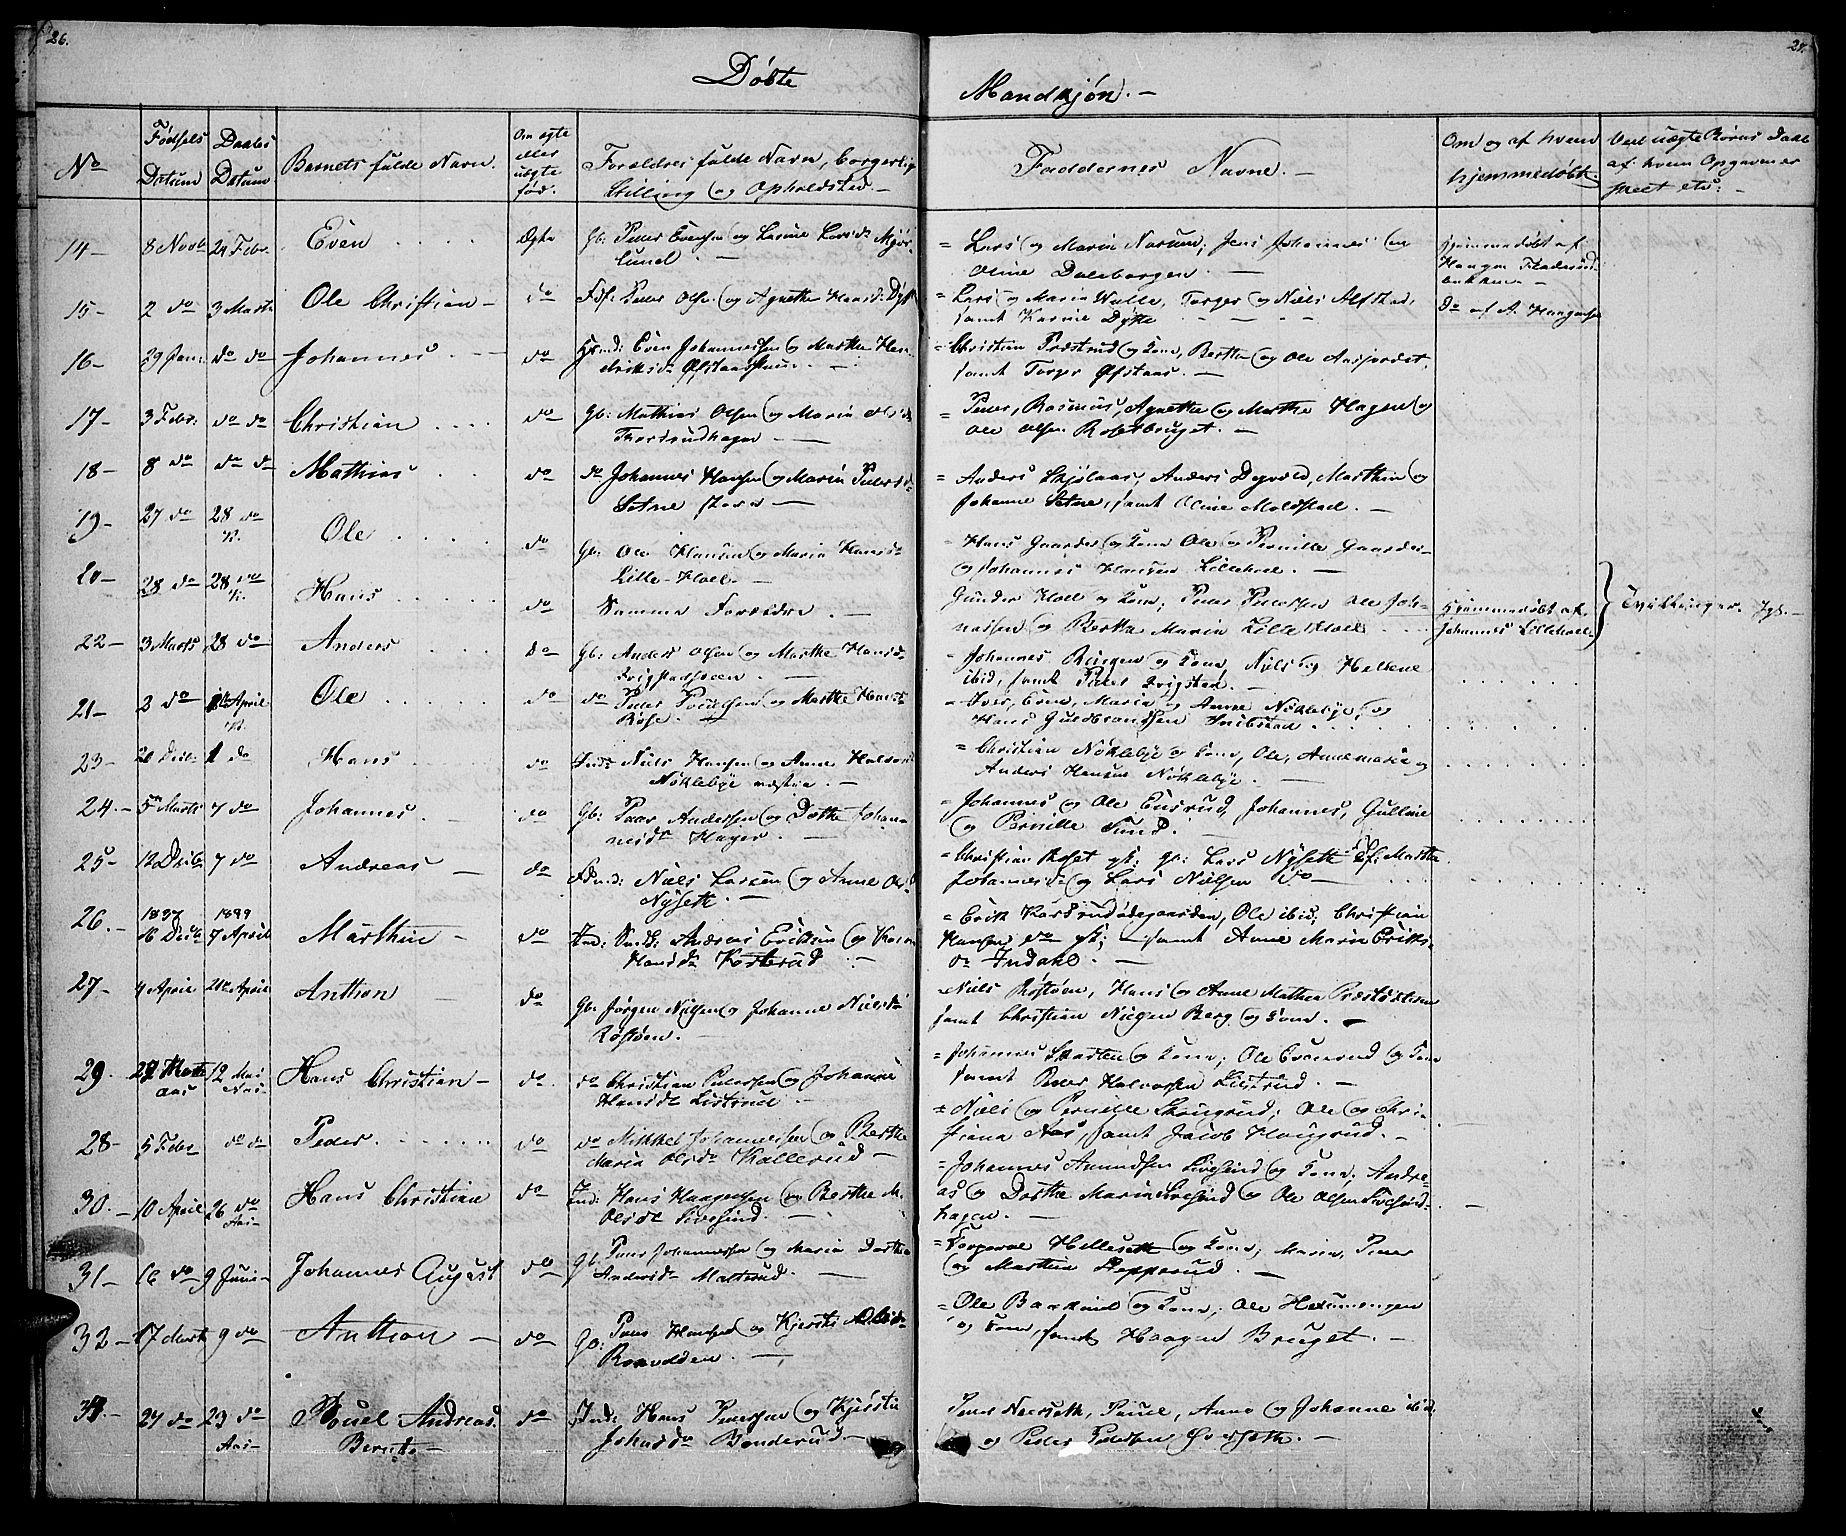 SAH, Vestre Toten prestekontor, Klokkerbok nr. 2, 1836-1848, s. 26-27